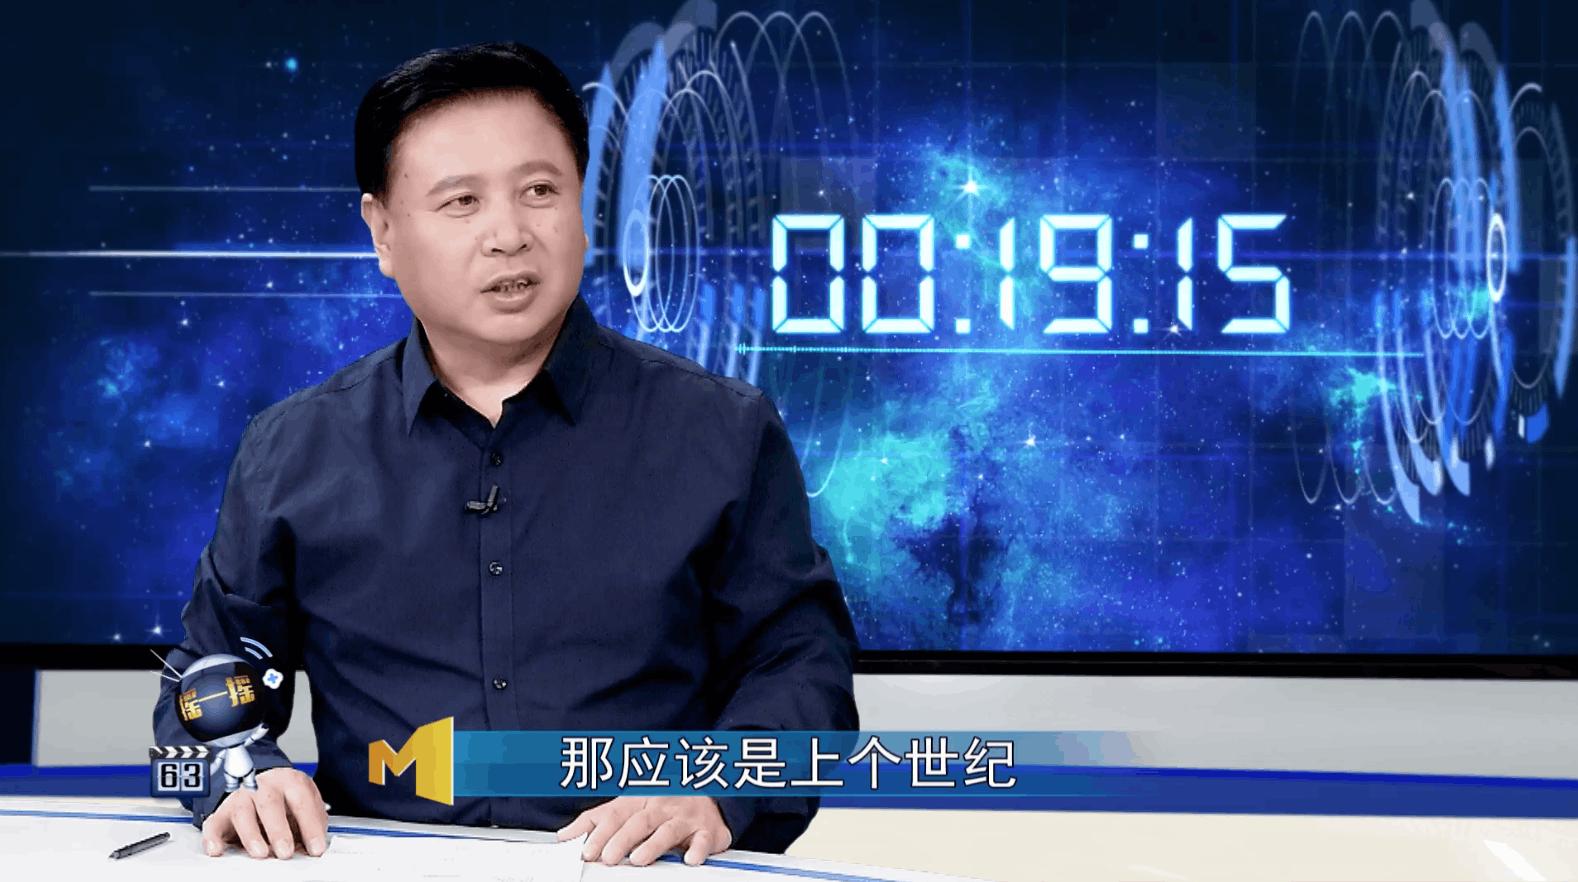 张艺谋陈凯歌冯小刚集体开工 电影市场要爆发了吗